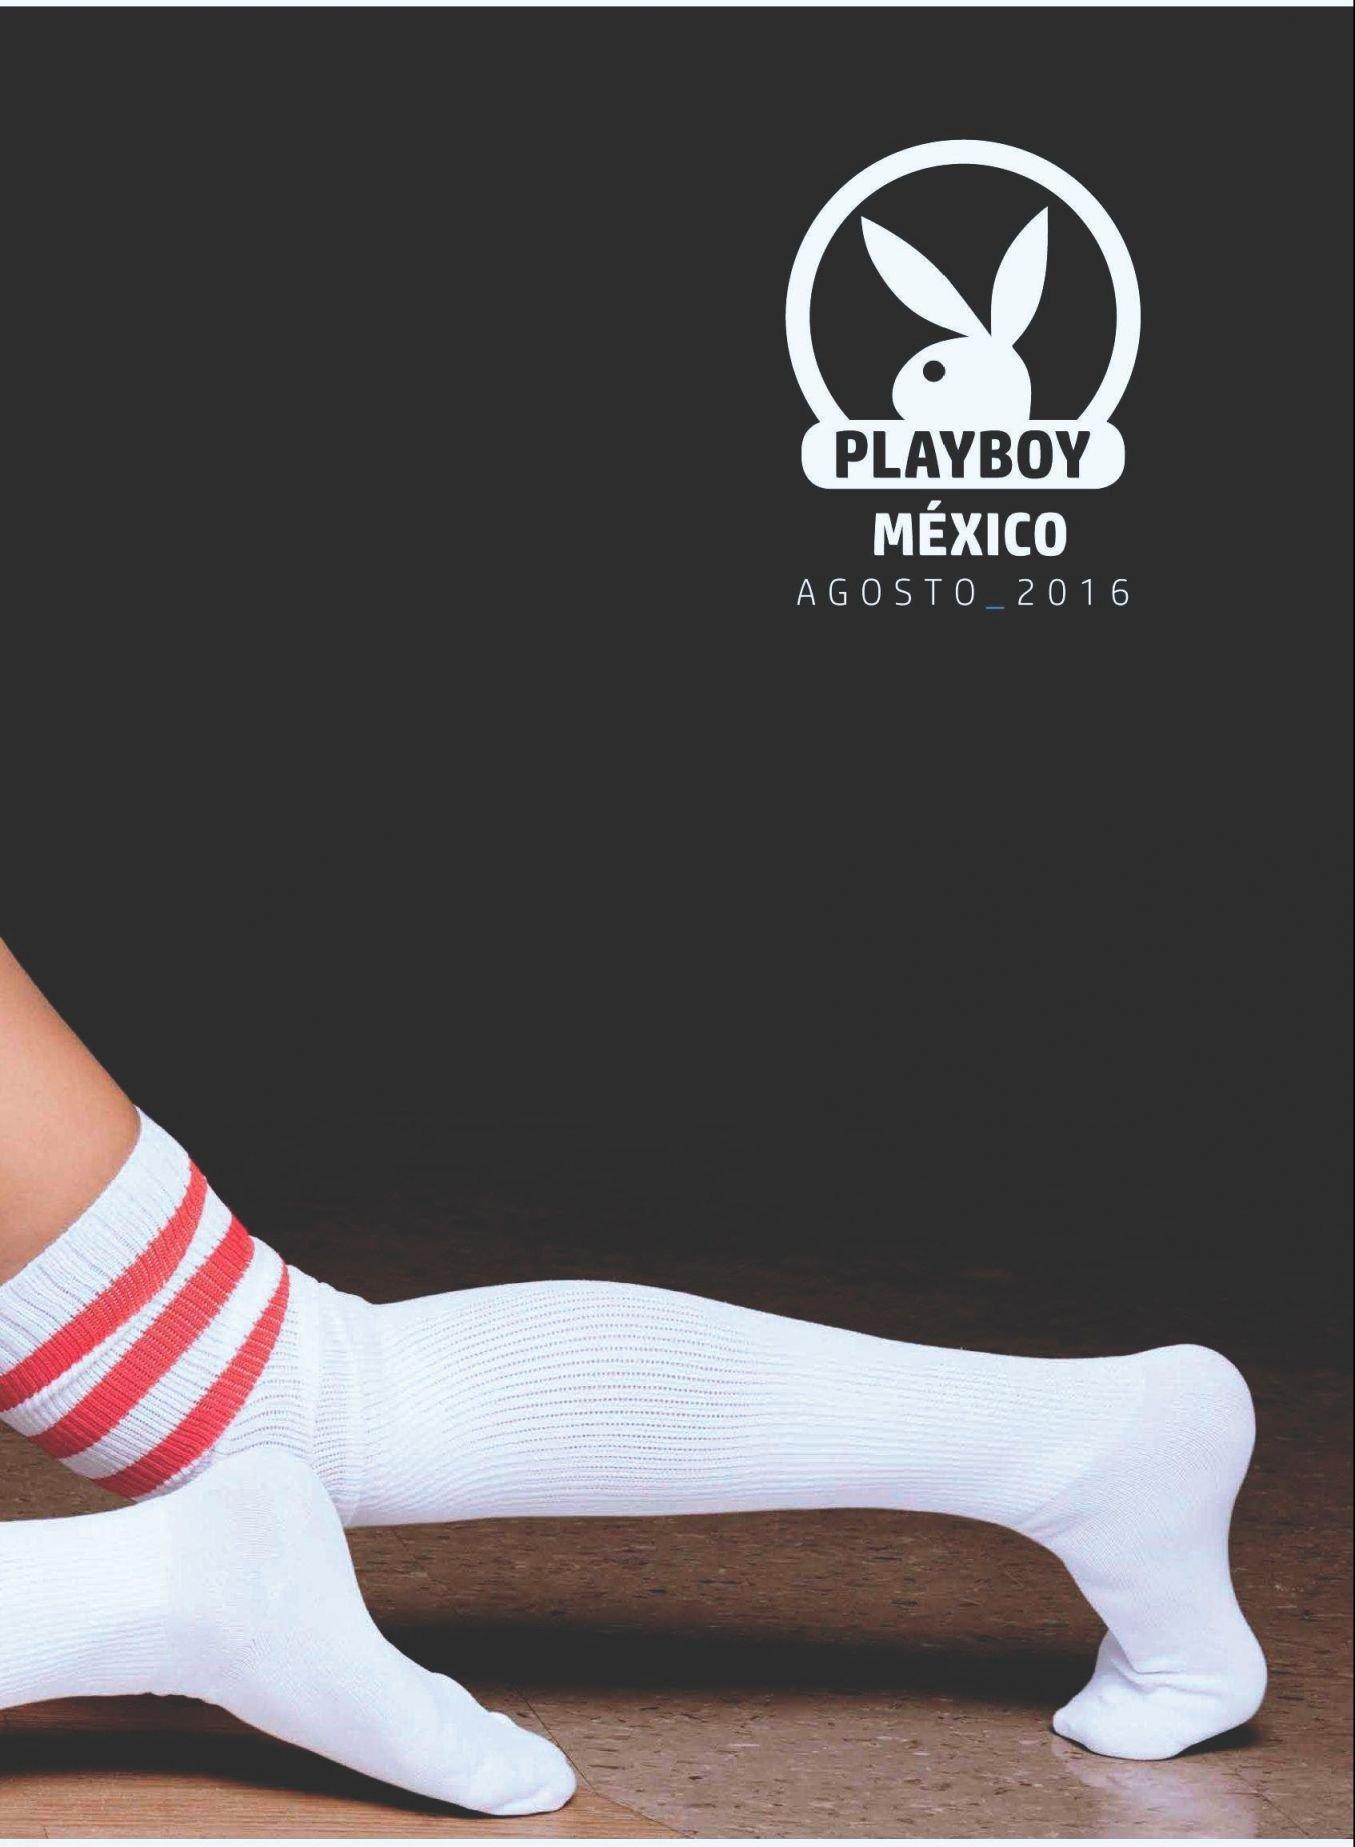 Fotos Playboy Suzy Cortez Agosto (21)